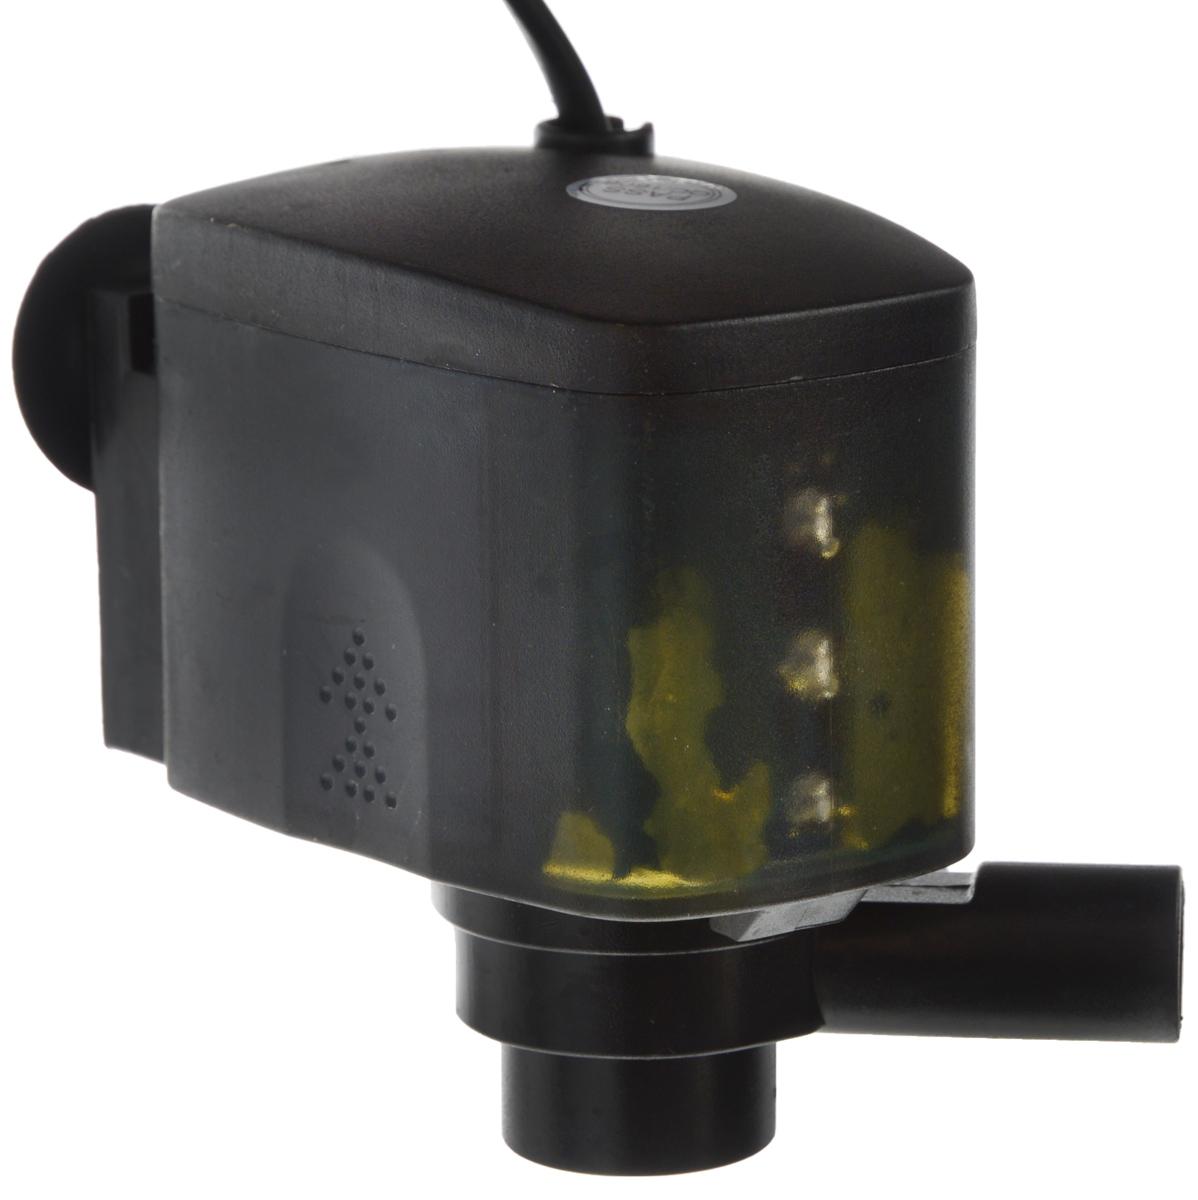 Помпа для аквариума Barbus LED-188, водяная, с индикаторами LED, 1200 л/ч, 20 Вт помпа водяная barbus фонтанная 300 л ч 5 вт